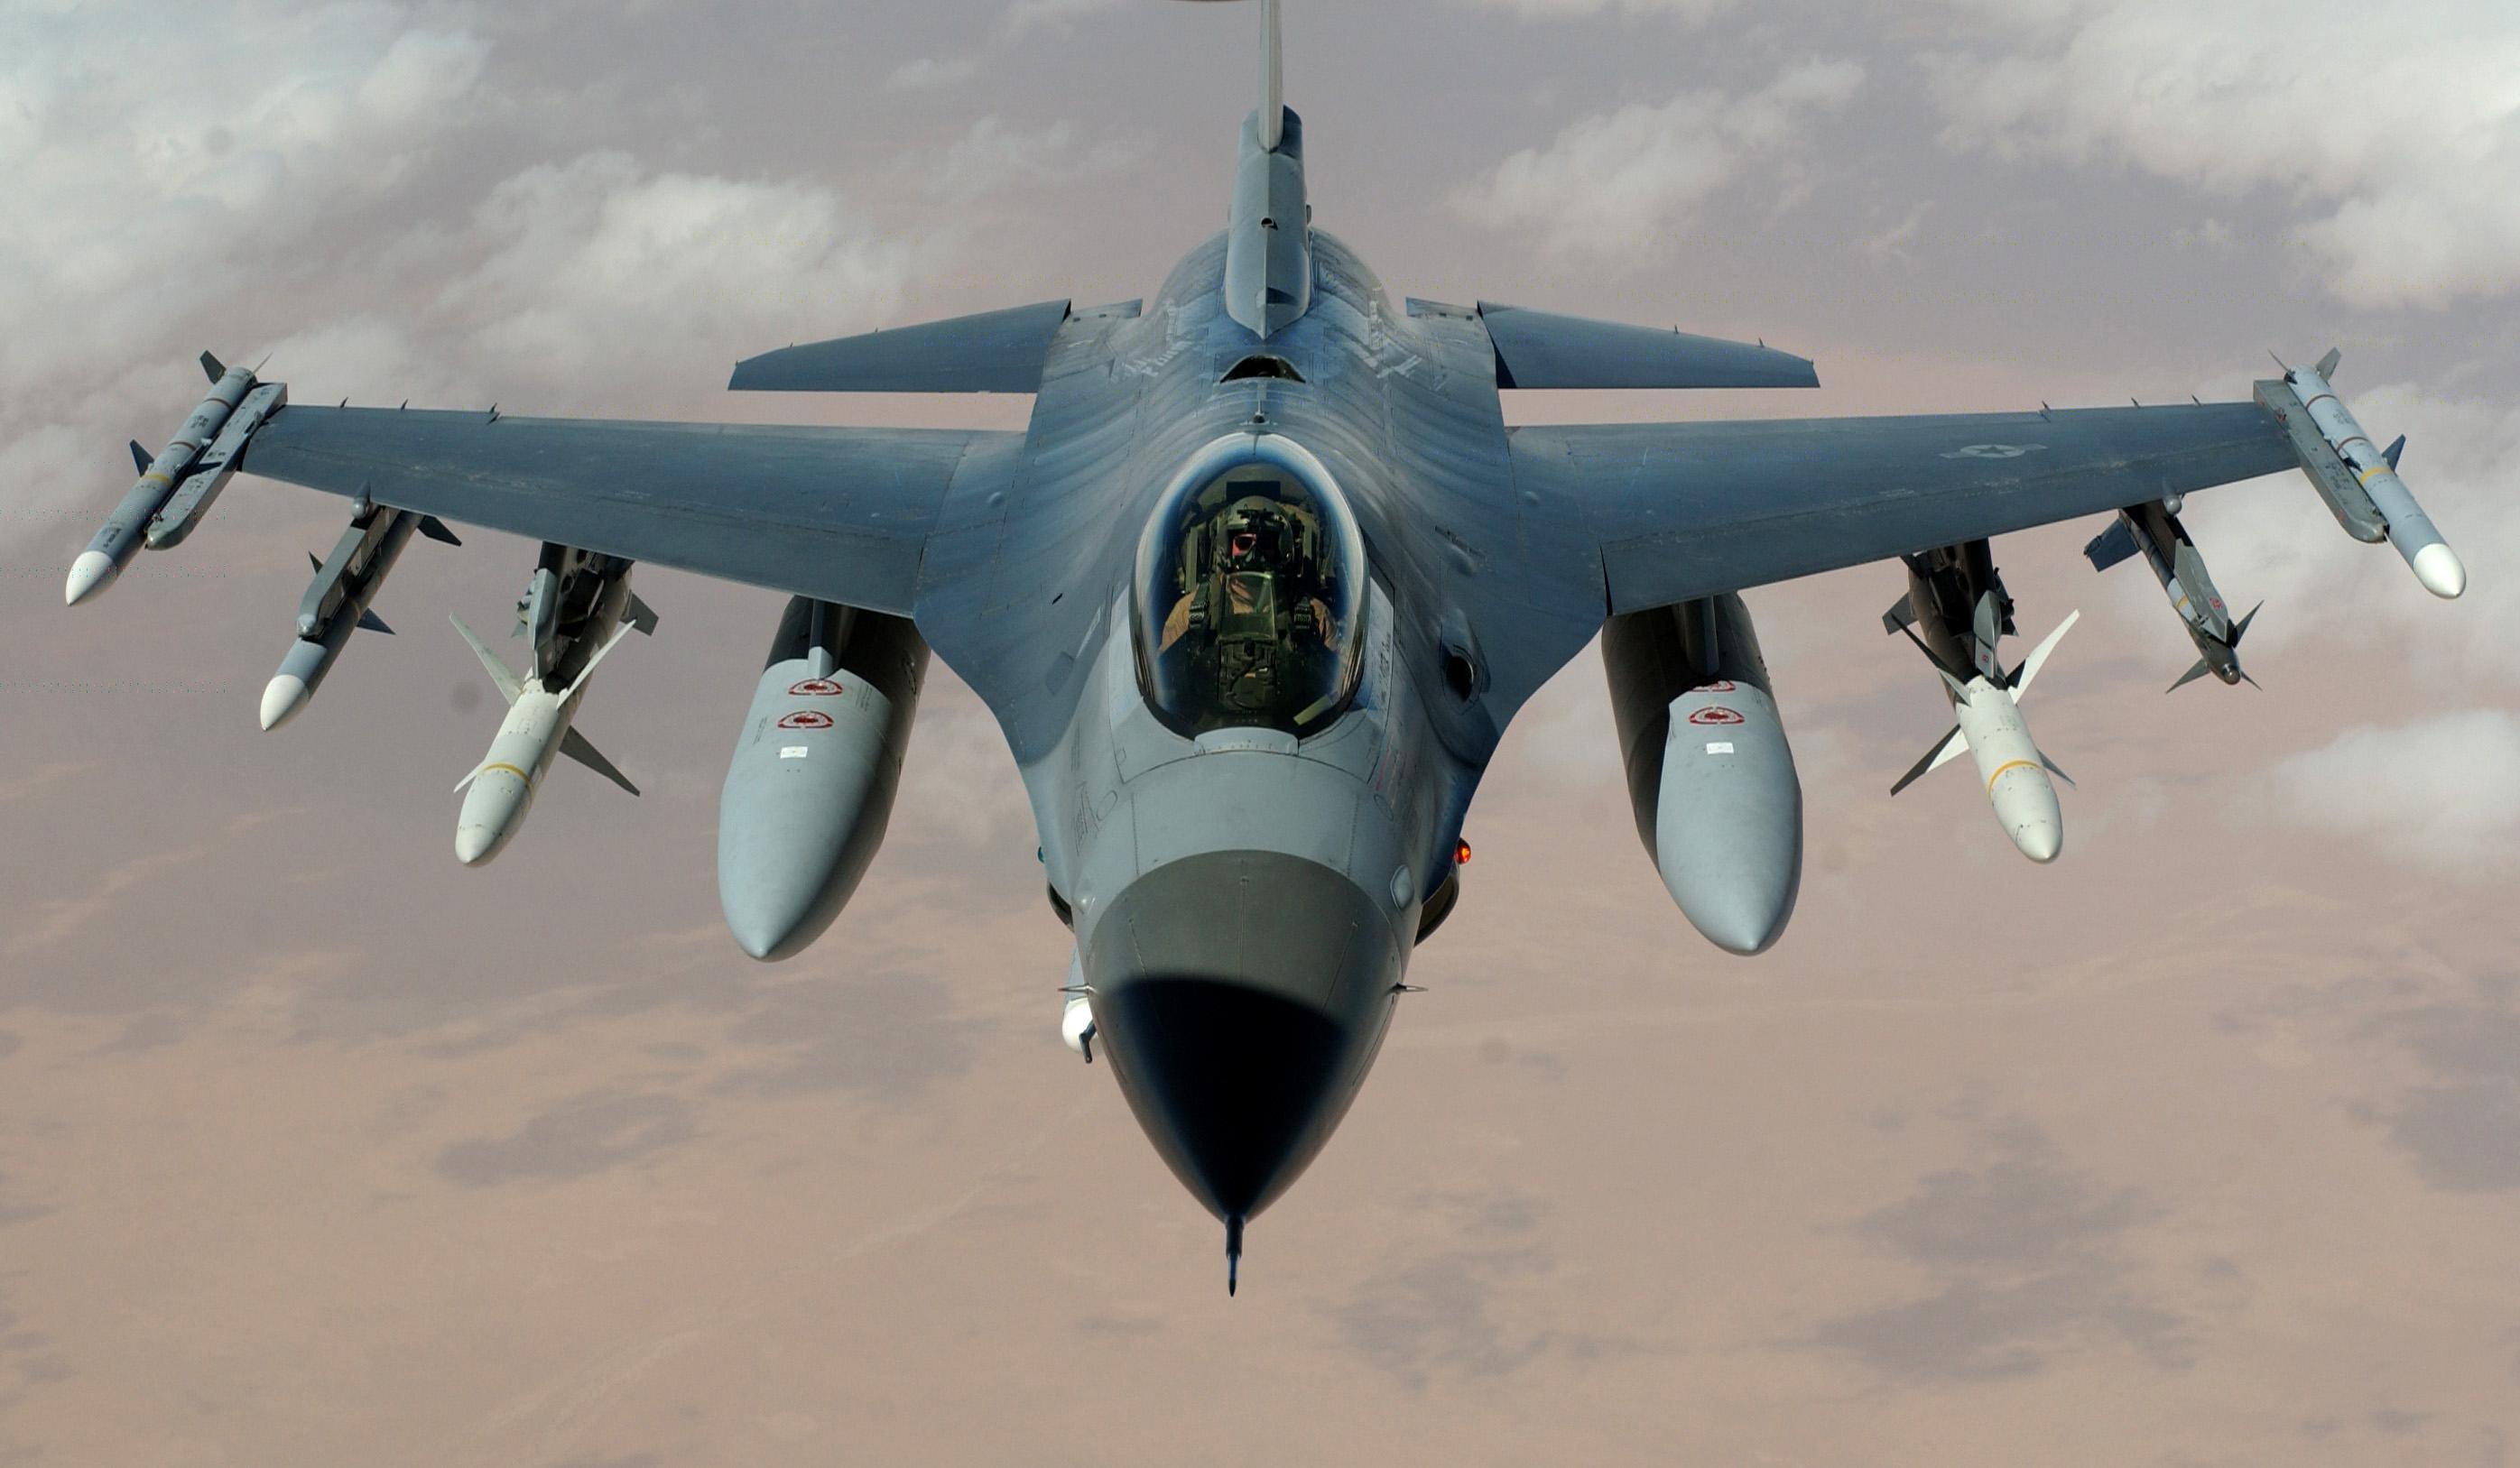 Egy moszkvai videojáték-fejlesztő az eBay-en F-16-os vadászgépekről vett kézikönyvet, 10 év börtönt is kaphat